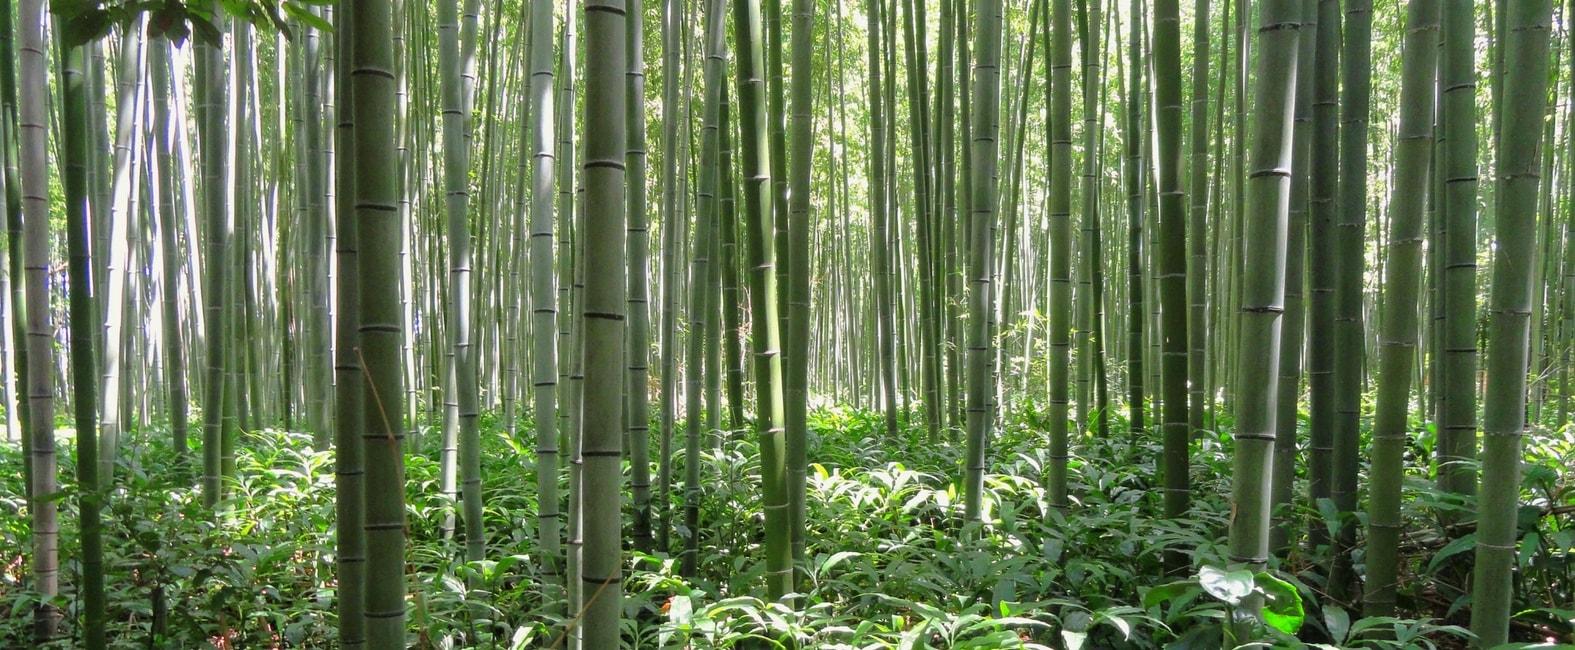 Bambous comment les diviser et les multiplier conseils - Comment se debarrasser definitivement des bambous ...